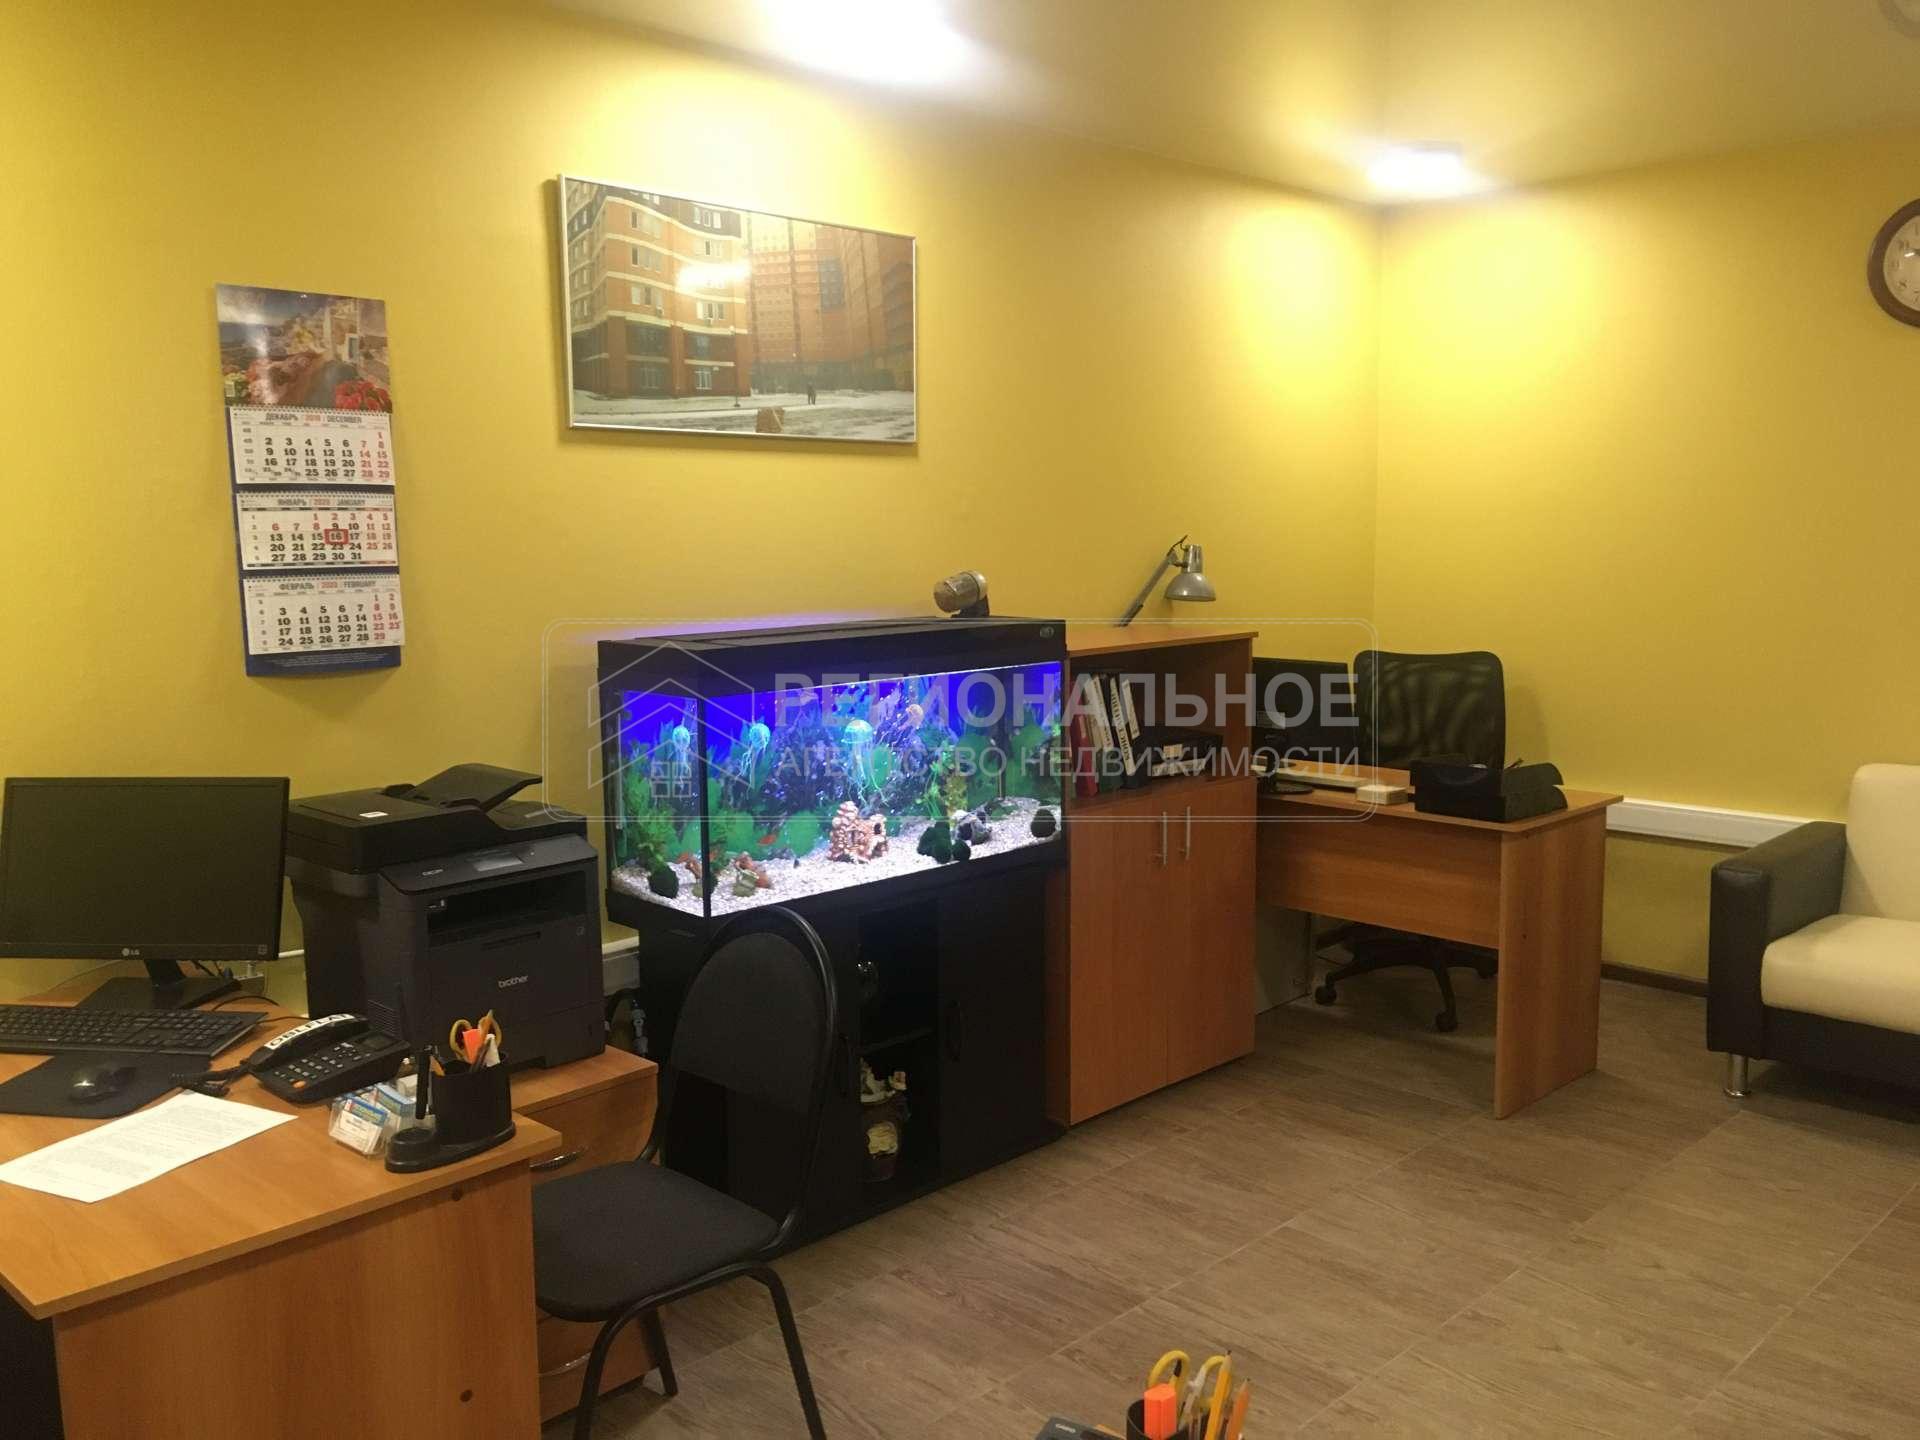 Офис по сопровождению сделок с квартирами